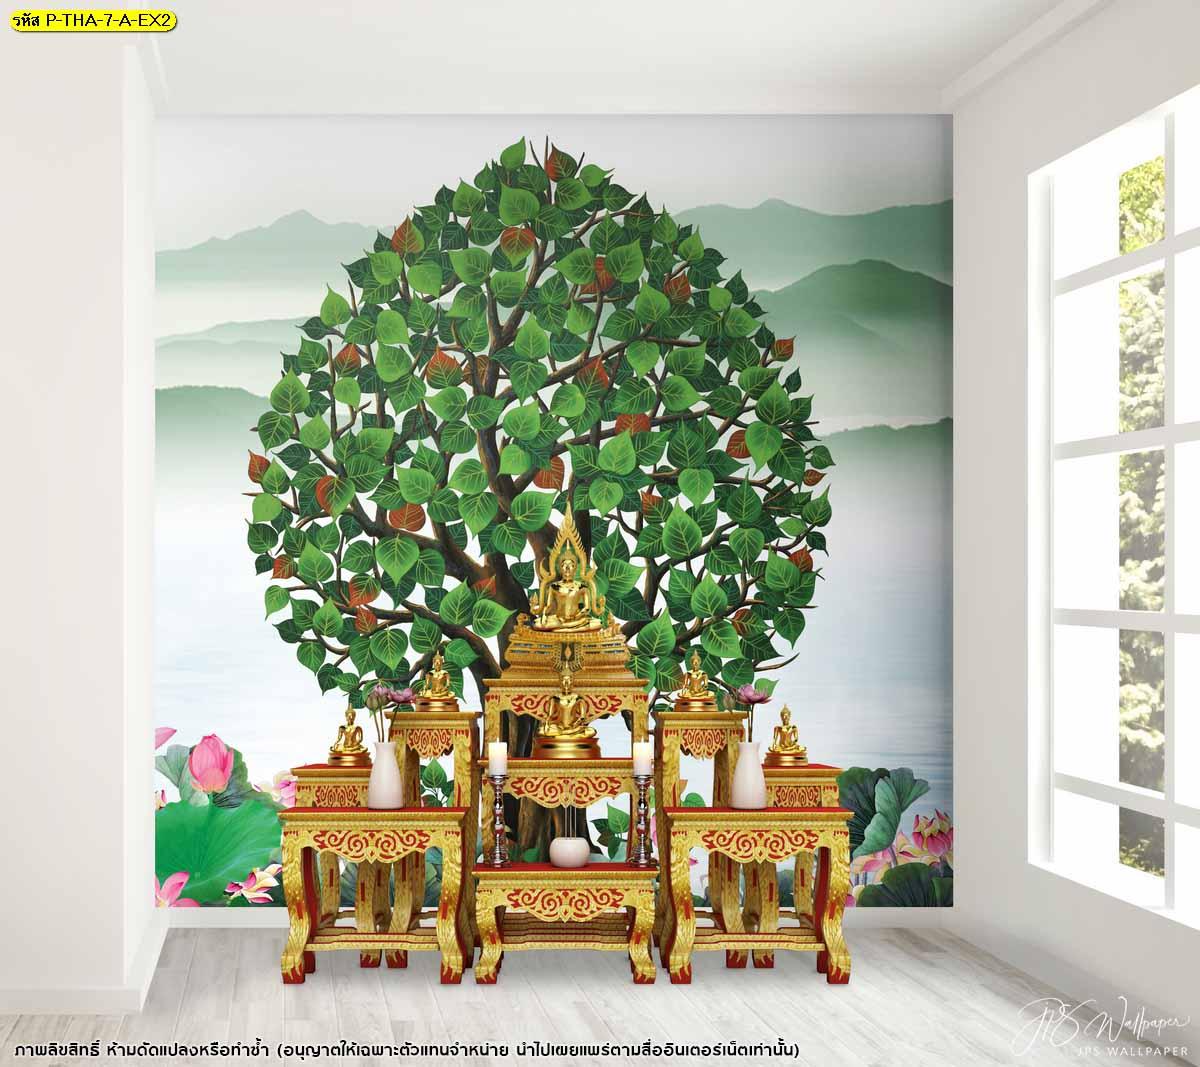 ห้องพระเล็กๆในบ้าน วอลเปเปอร์ลายไทย แบบห้องพระในบ้าน